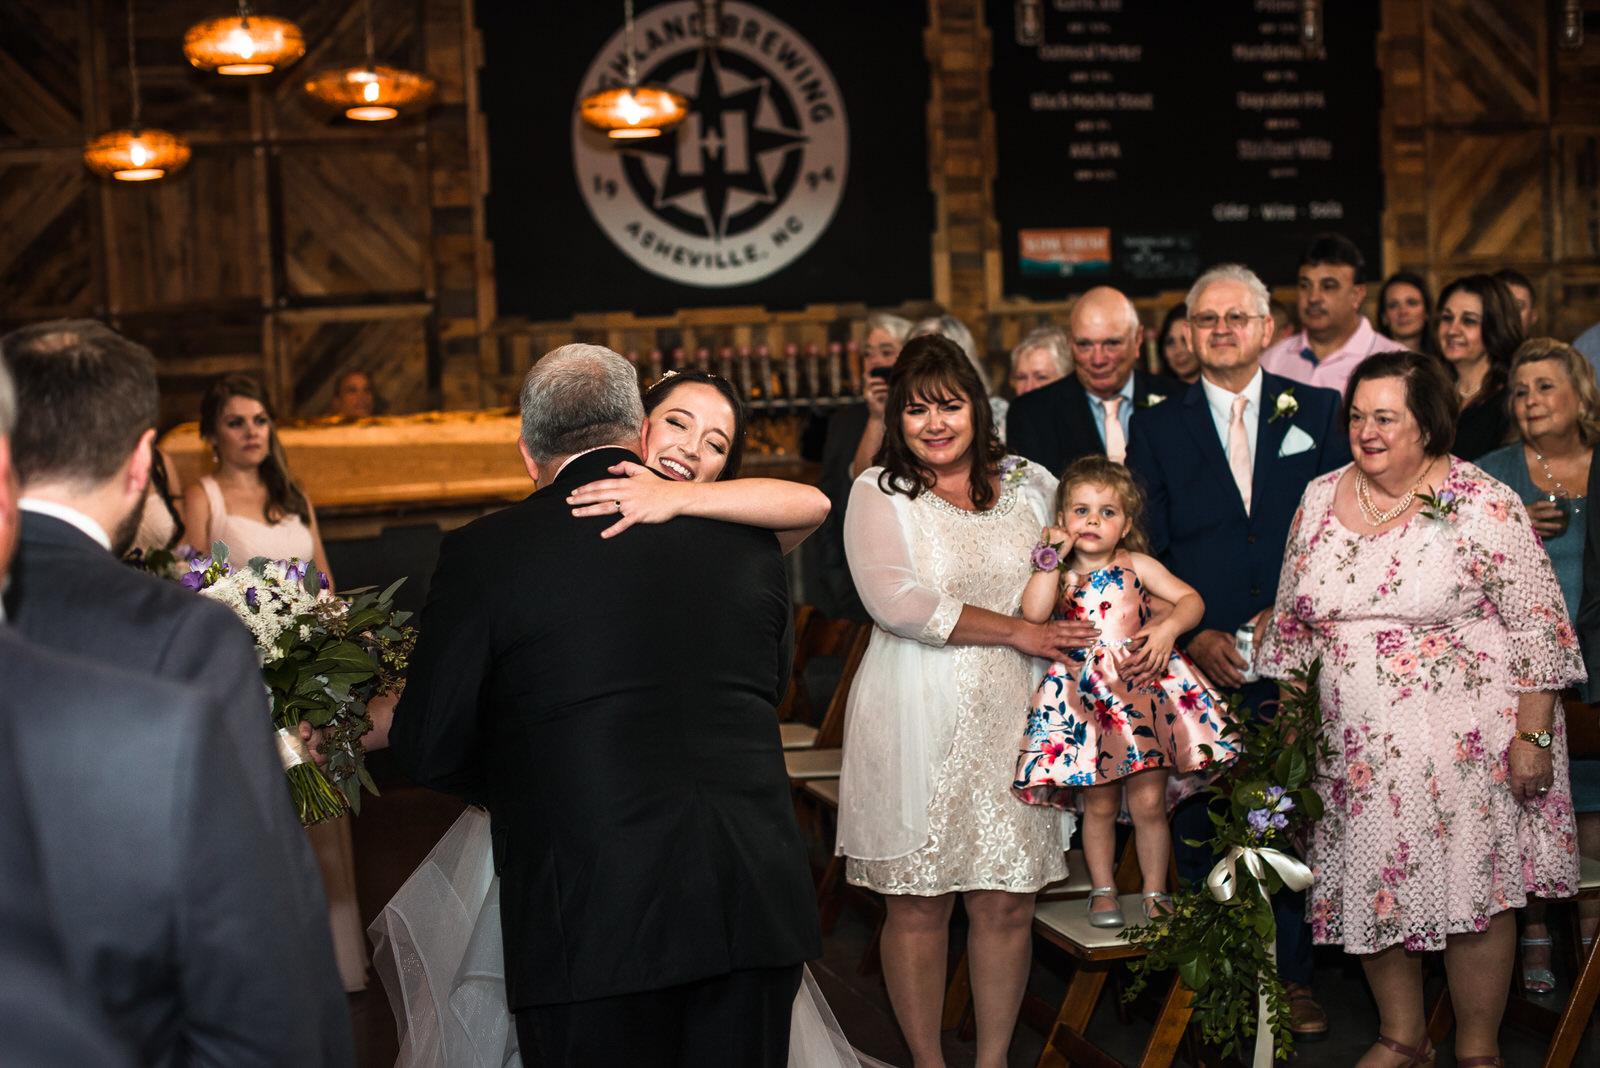 Highland-Brewing-Company-WeddingWedding-371.jpg